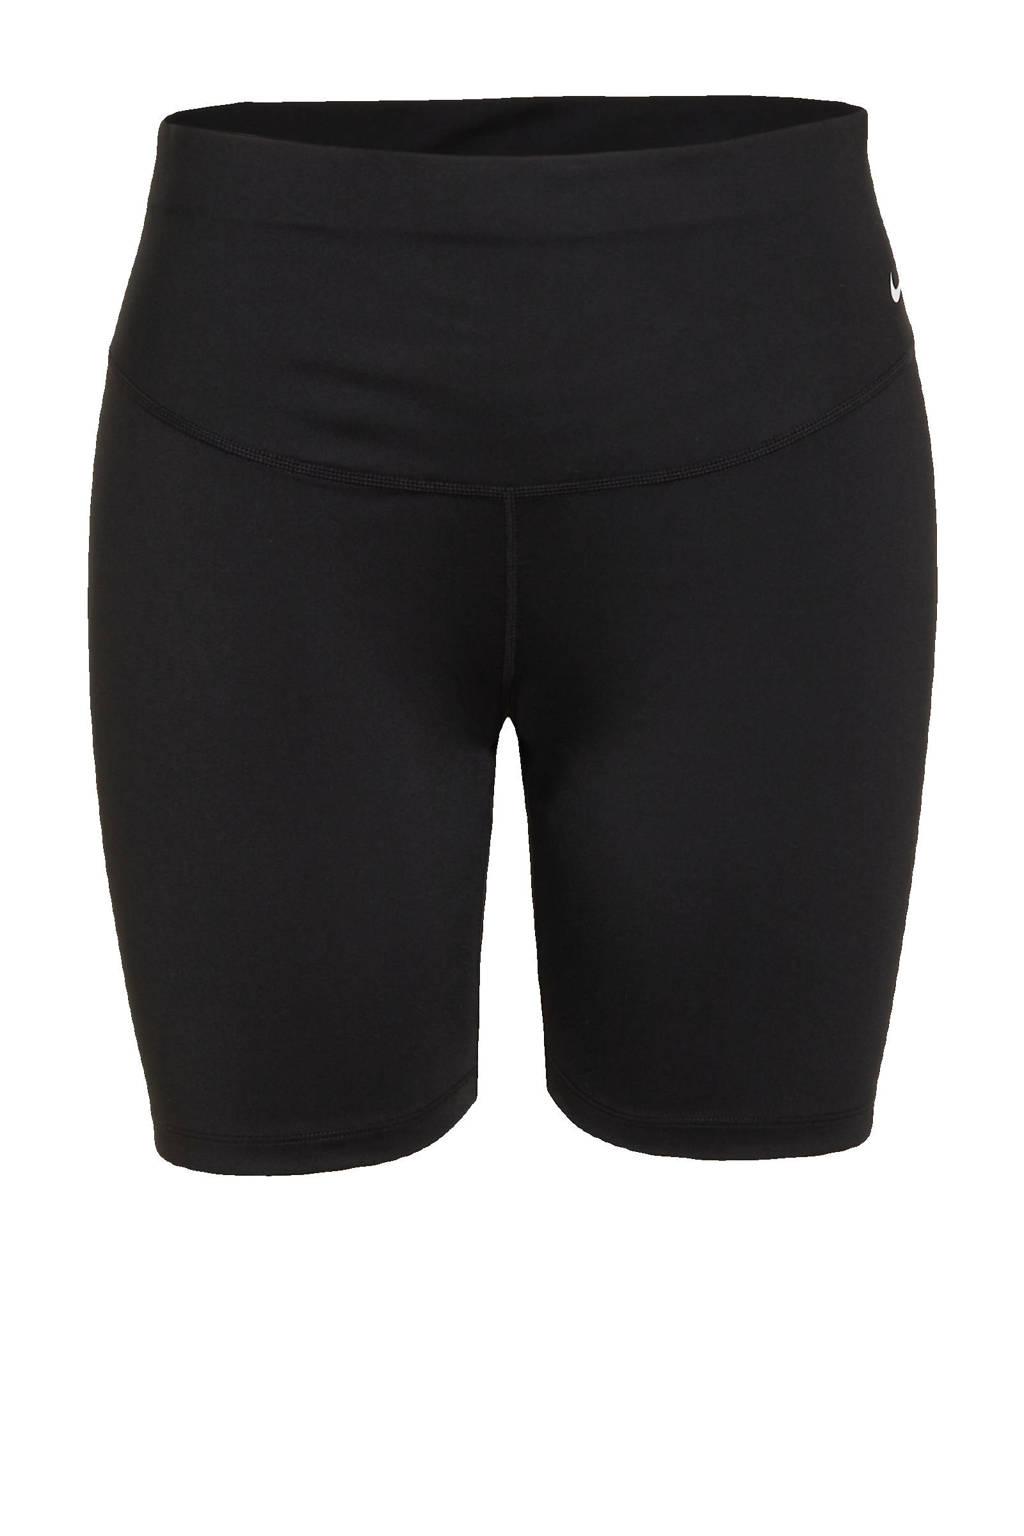 Nike Plus Size sportshort zwart, Zwart